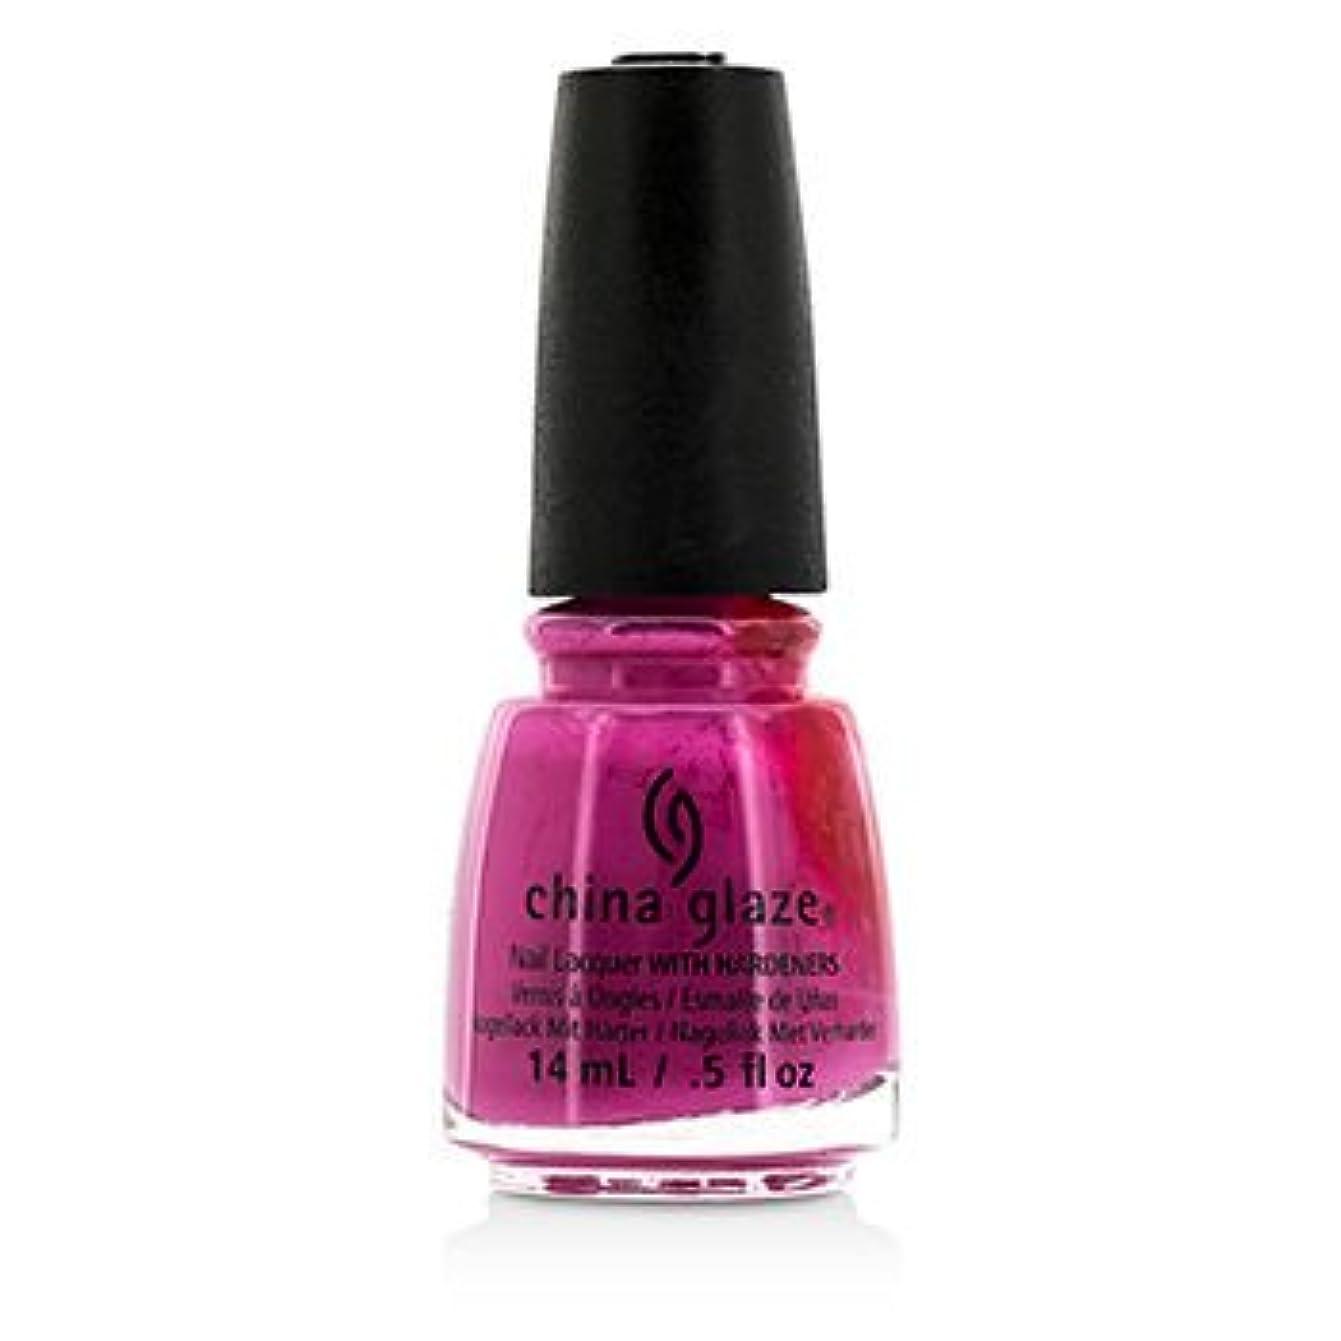 順応性のある摘む概して[China Glaze] Nail Lacquer - Rich & Famous (207) 70528 14ml/0.5oz